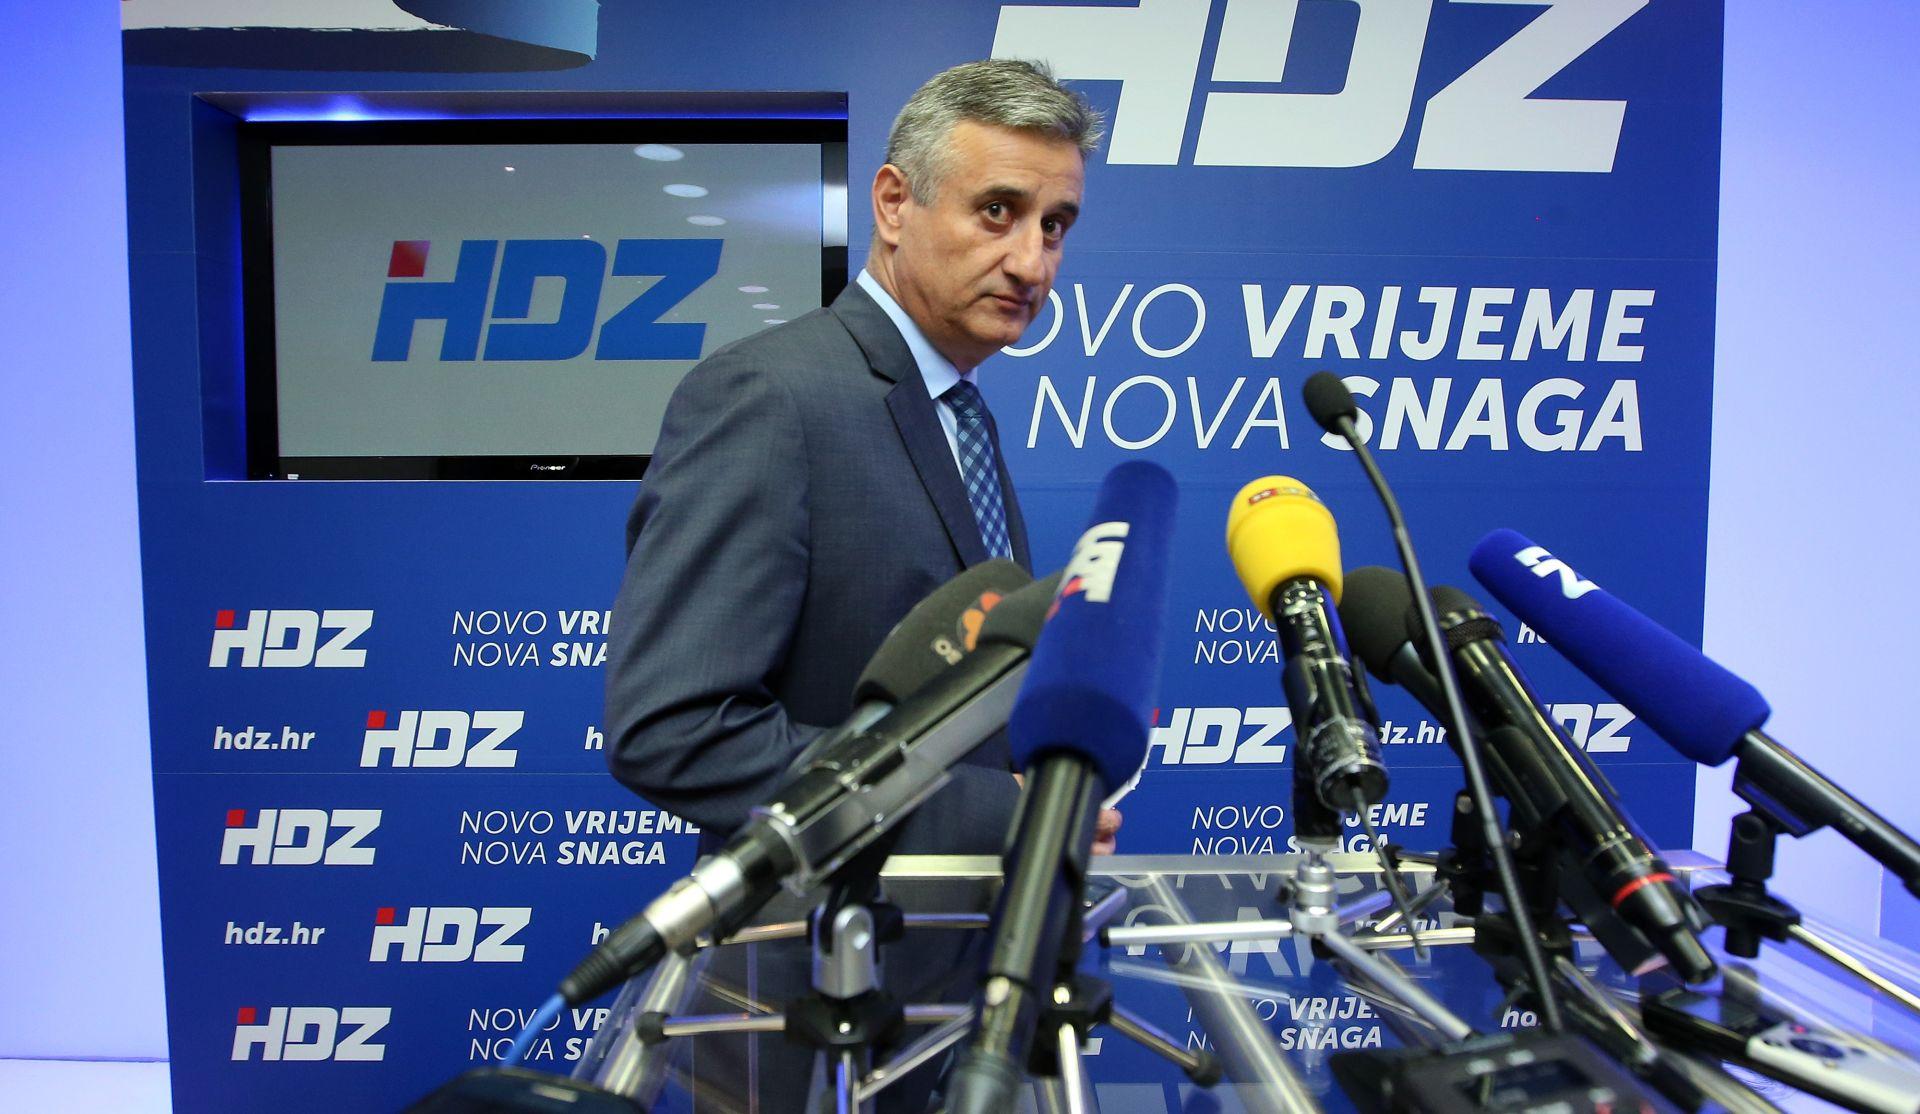 NIŠTA OD OSTAVKE: Tomislav Karamarko otkazao današnju sjednicu Predsjedništva HDZ-a